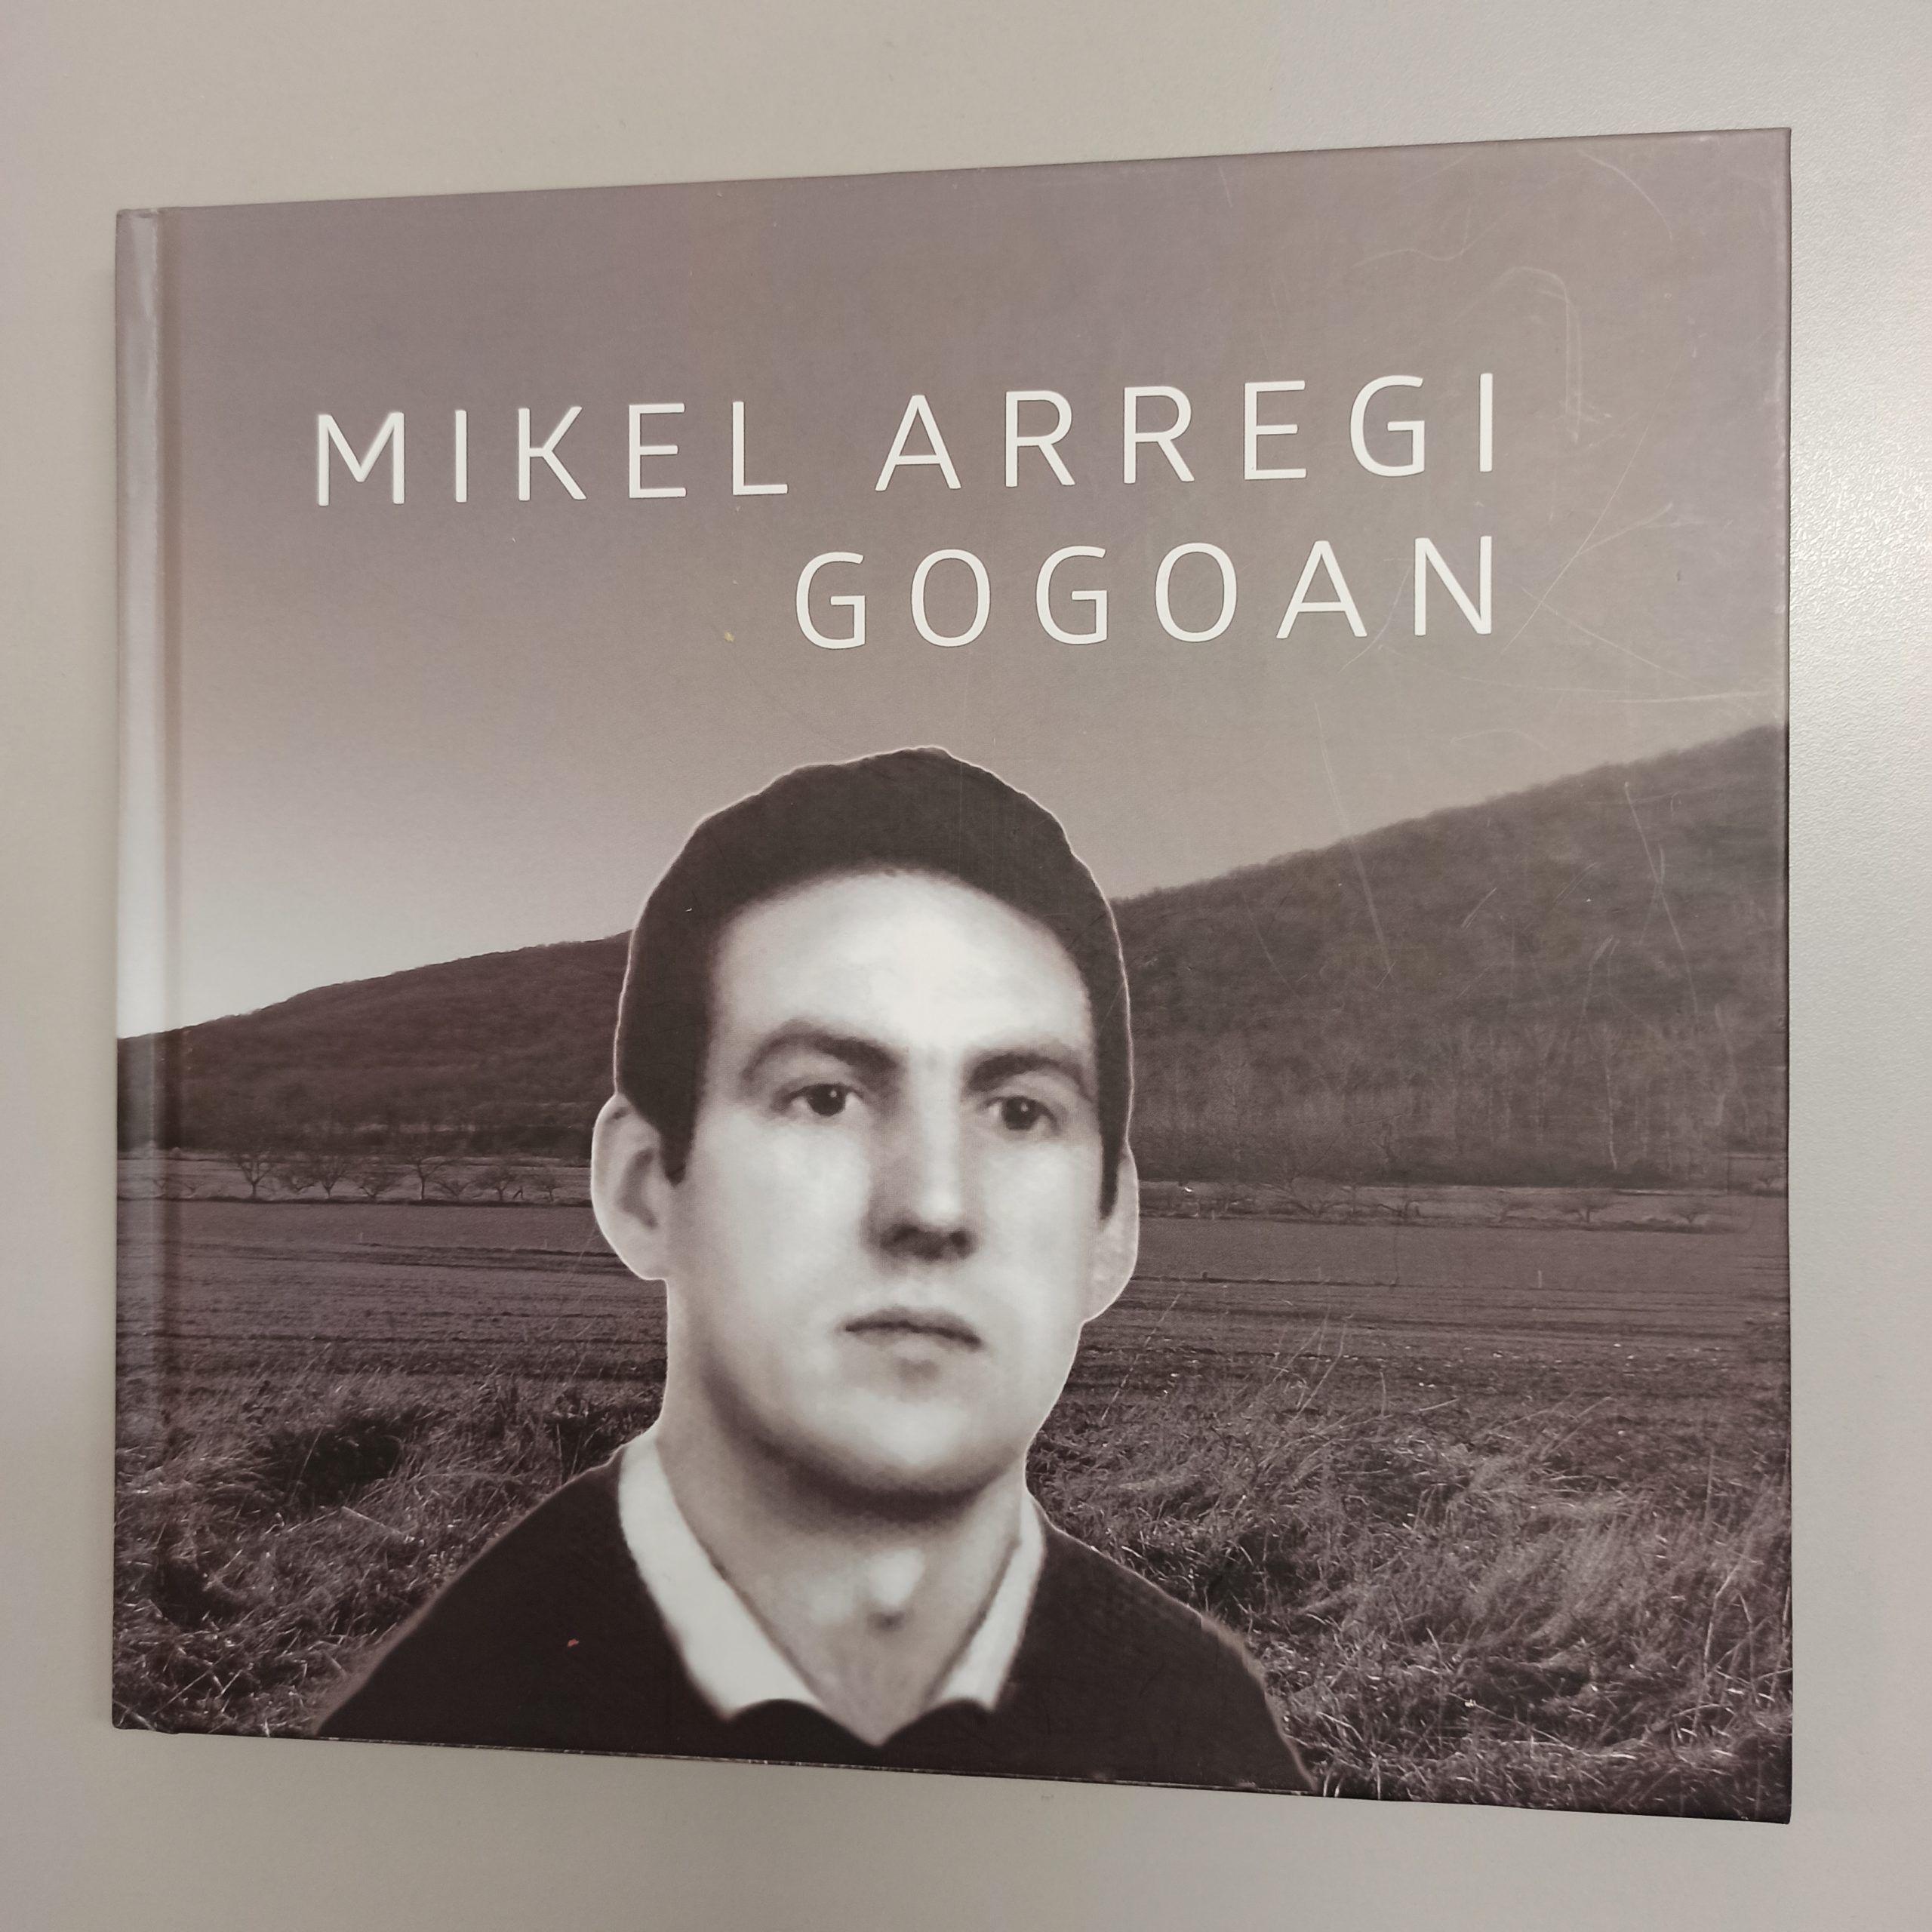 Mikel Arregiri buruzko liburua honako tokietan erosi daiteke irudia - iragarkilaburrak.eus